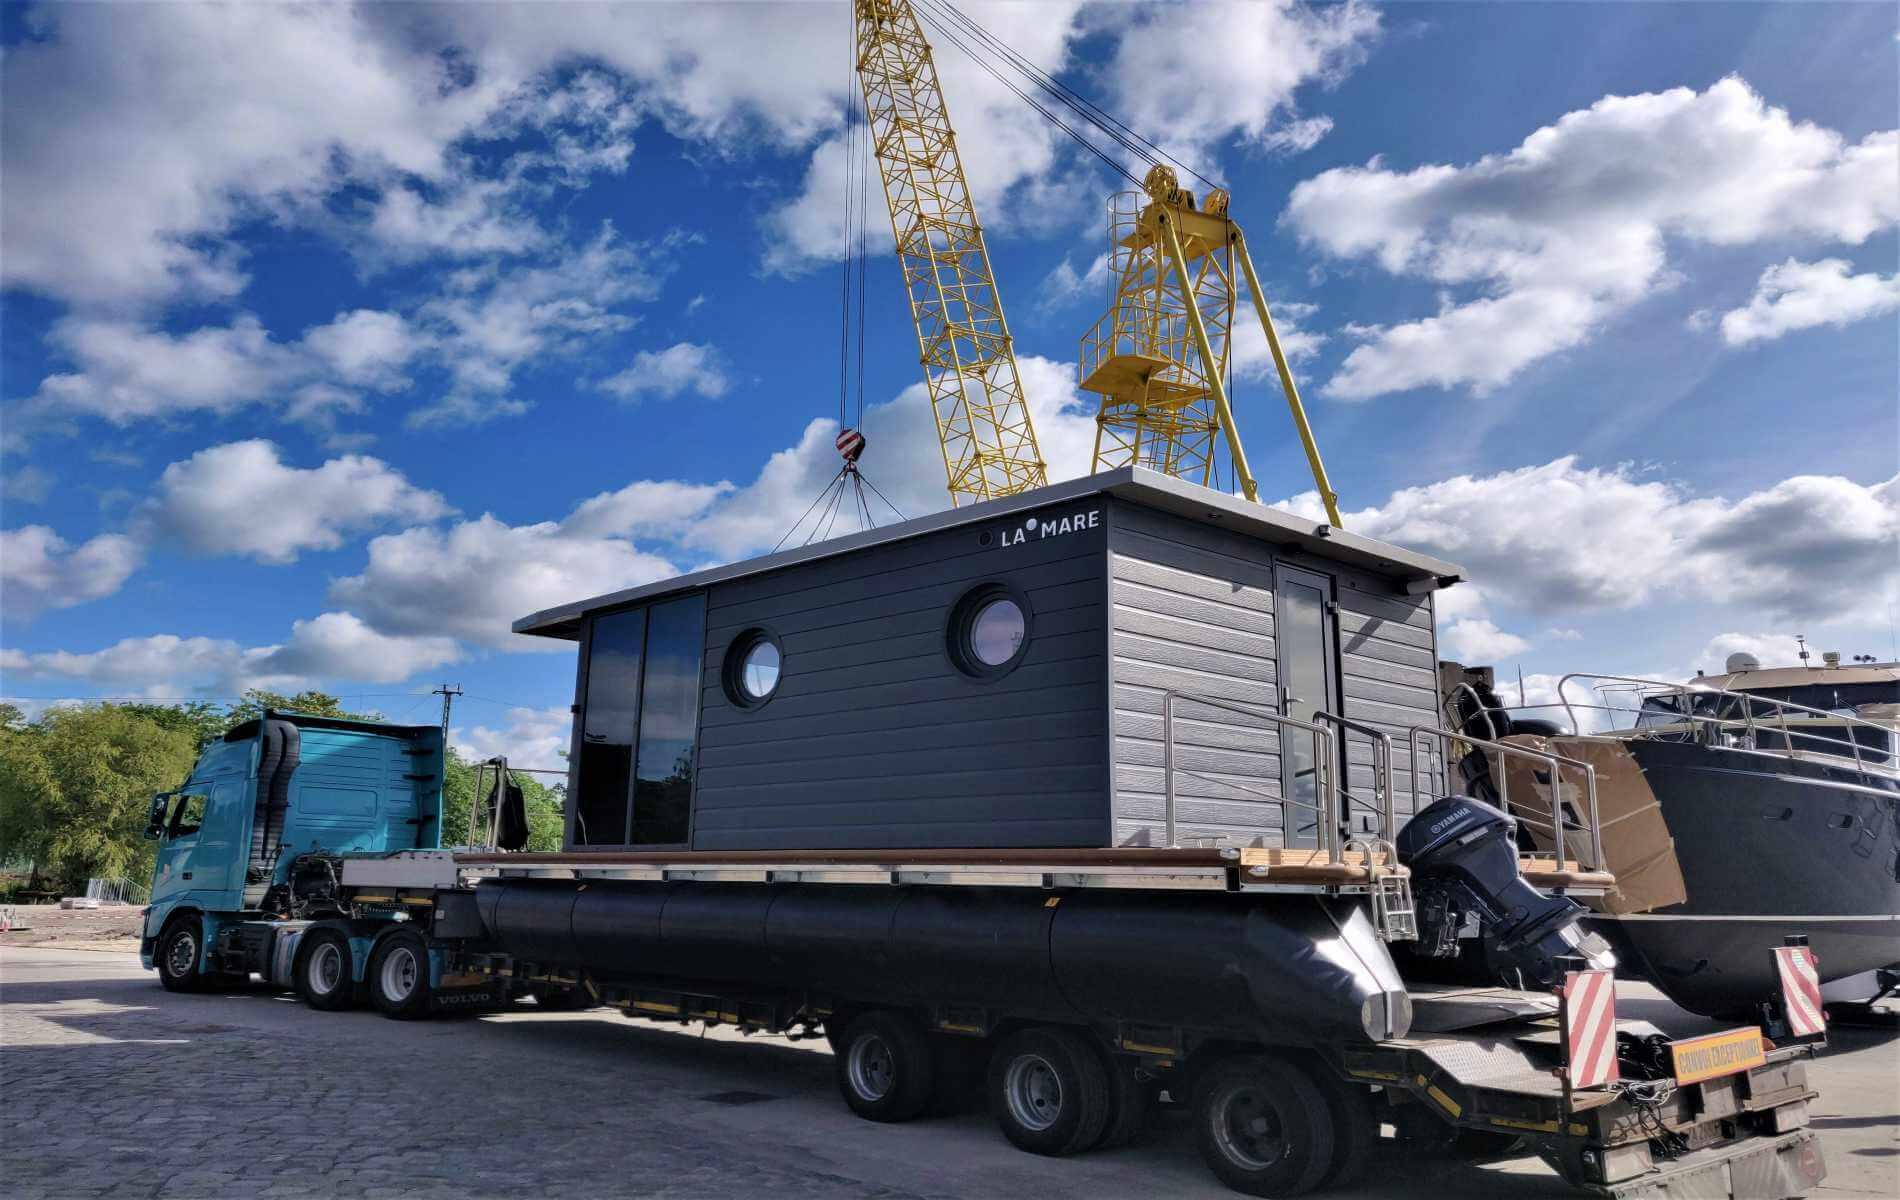 La Mare Apartboat Mini